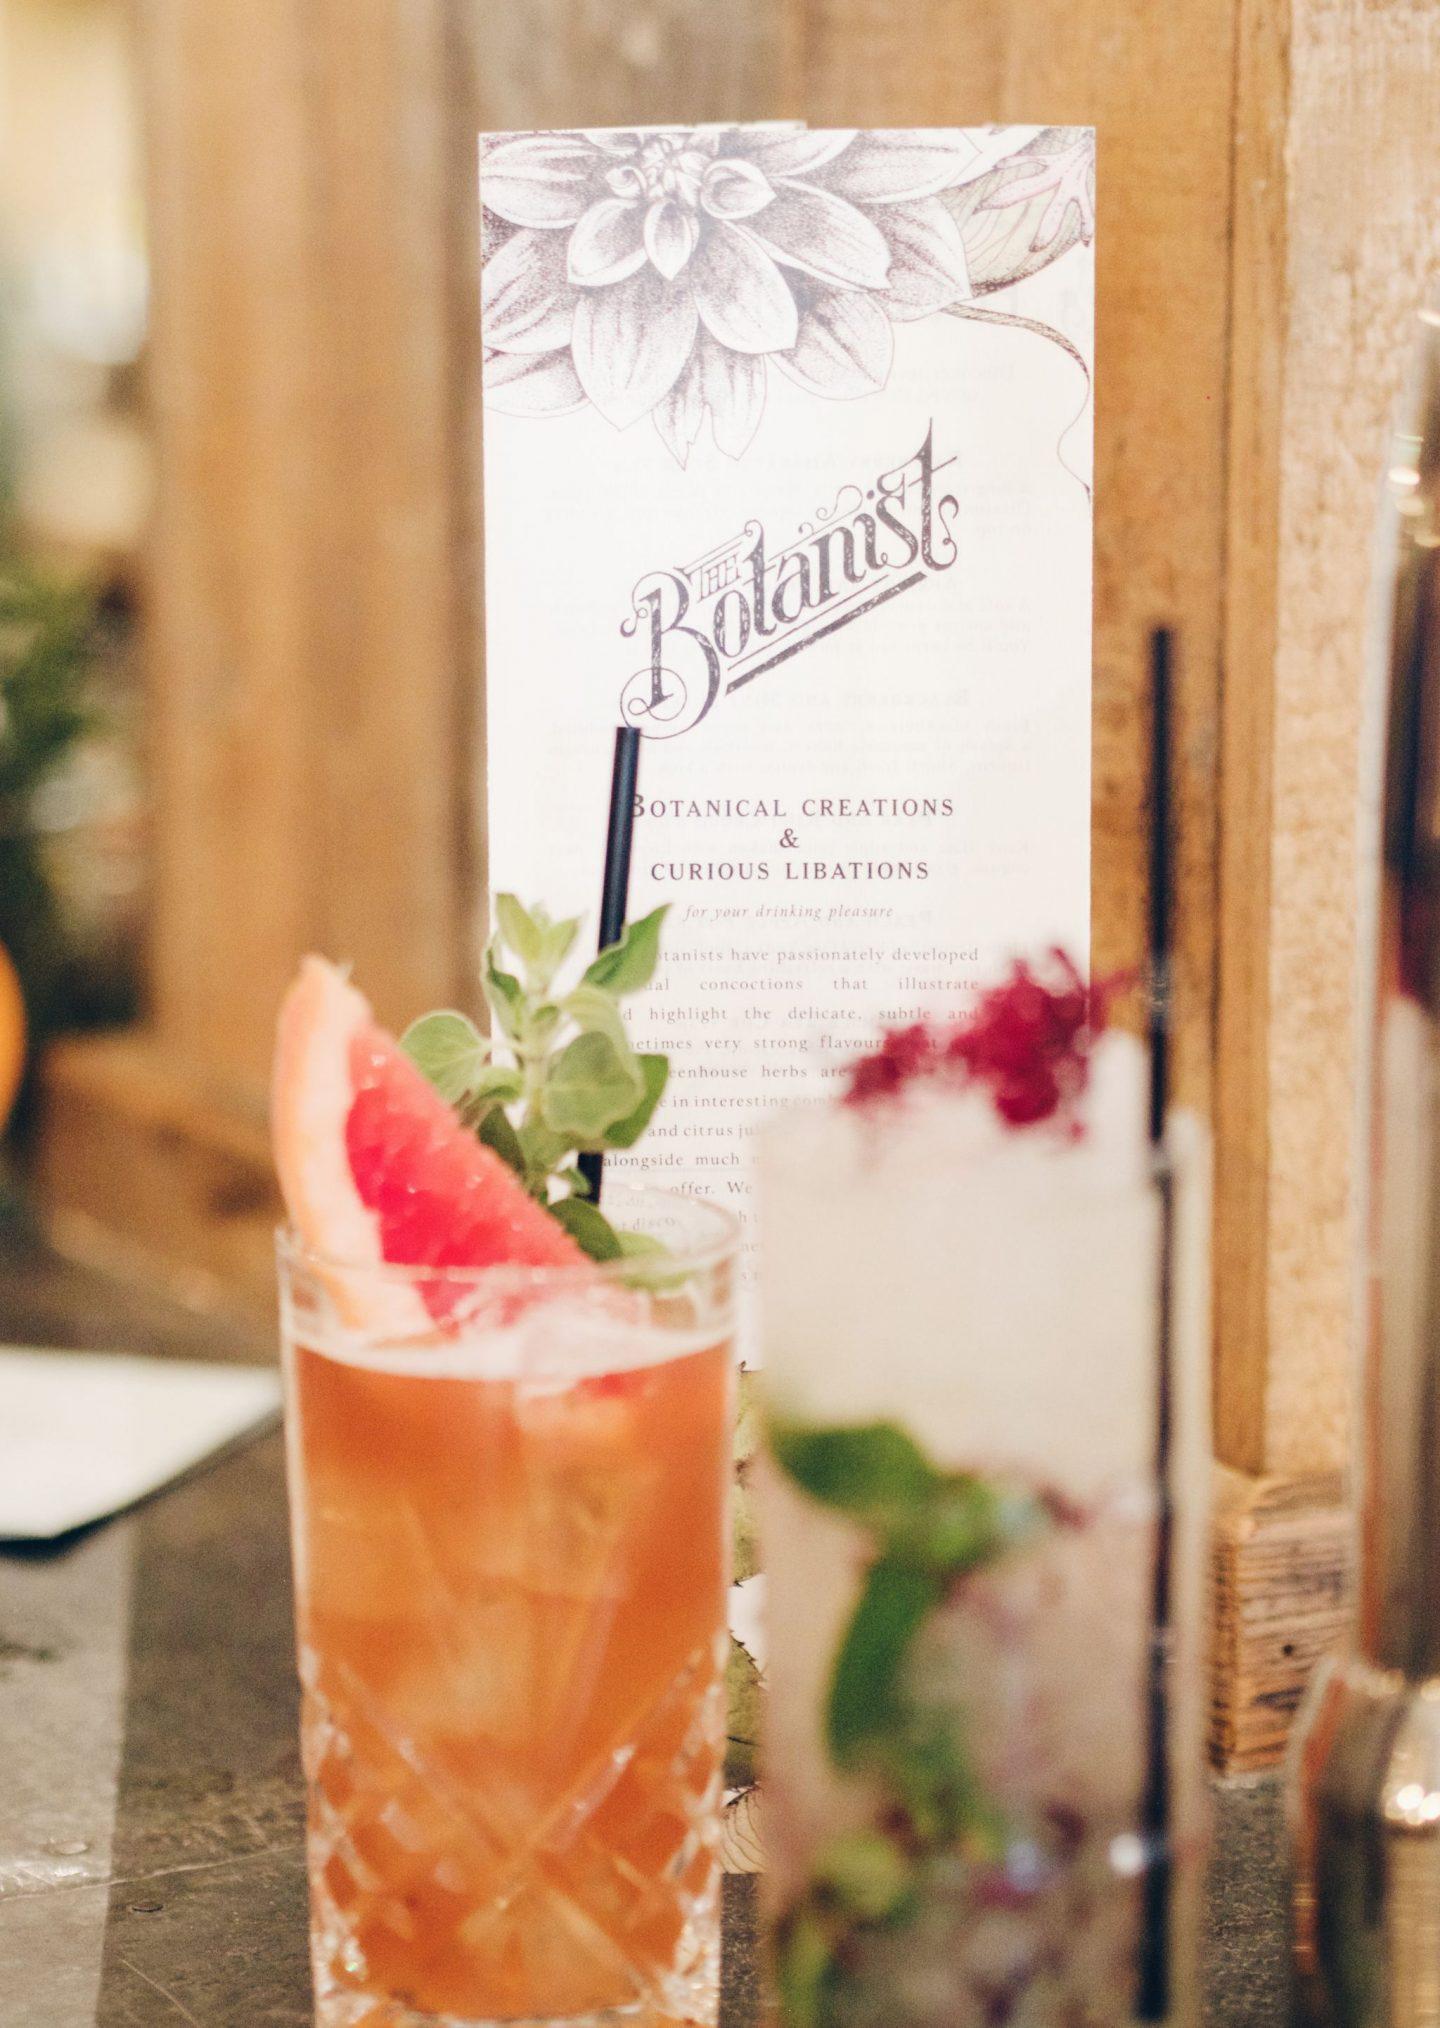 The Botanist cocktails